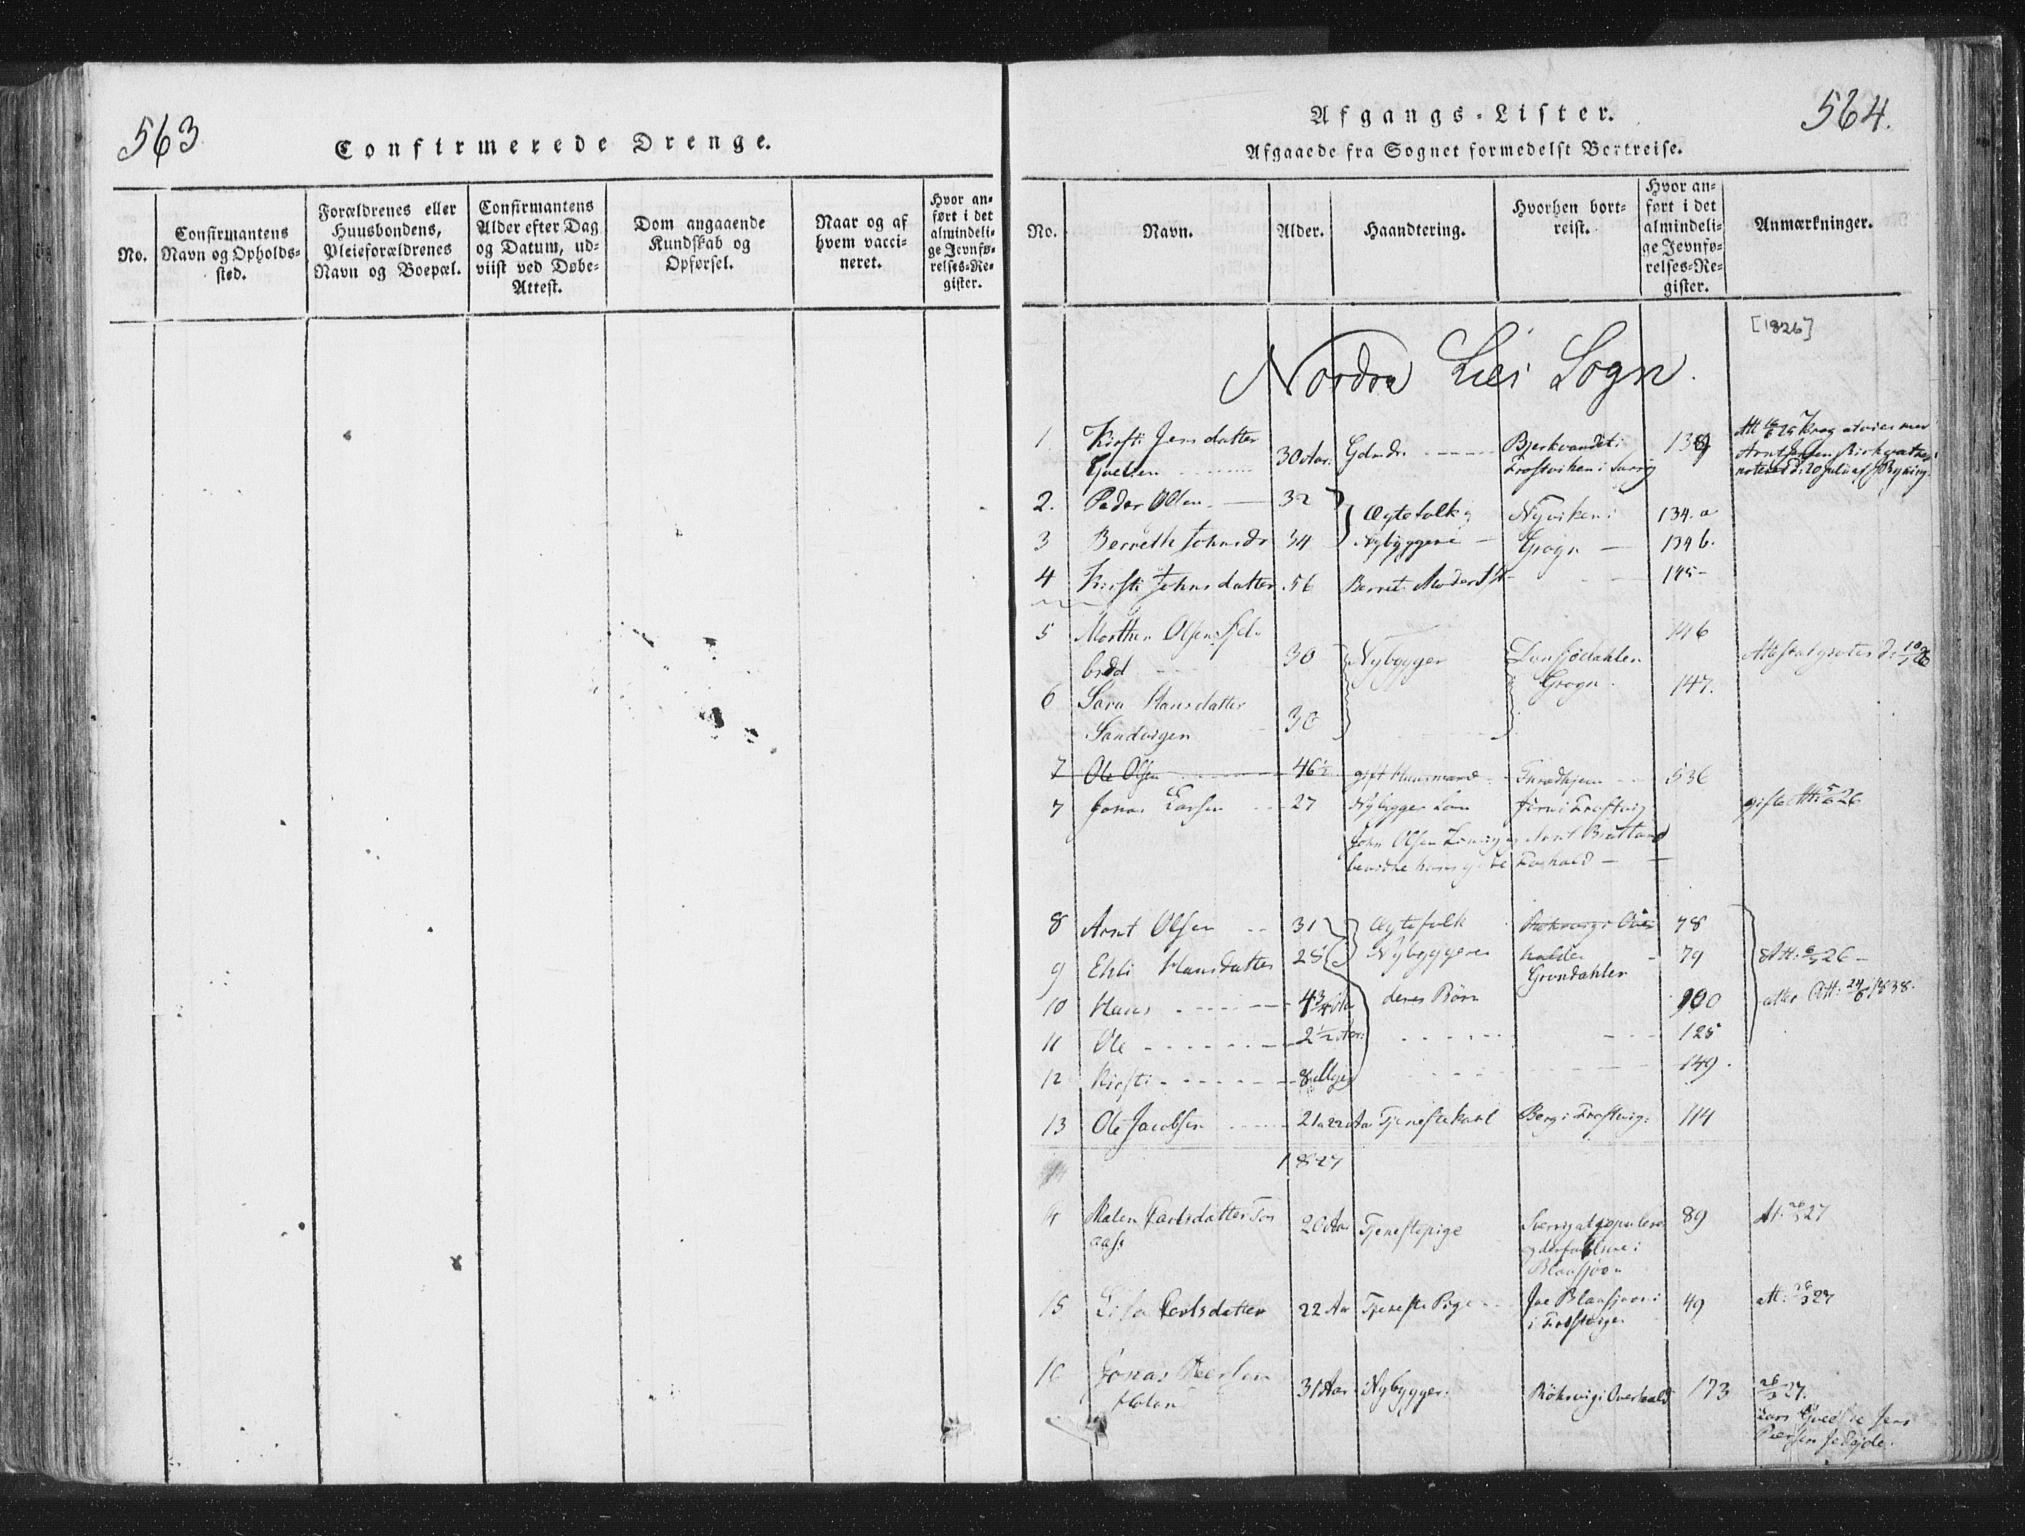 SAT, Ministerialprotokoller, klokkerbøker og fødselsregistre - Nord-Trøndelag, 755/L0491: Ministerialbok nr. 755A01 /1, 1817-1864, s. 563-564